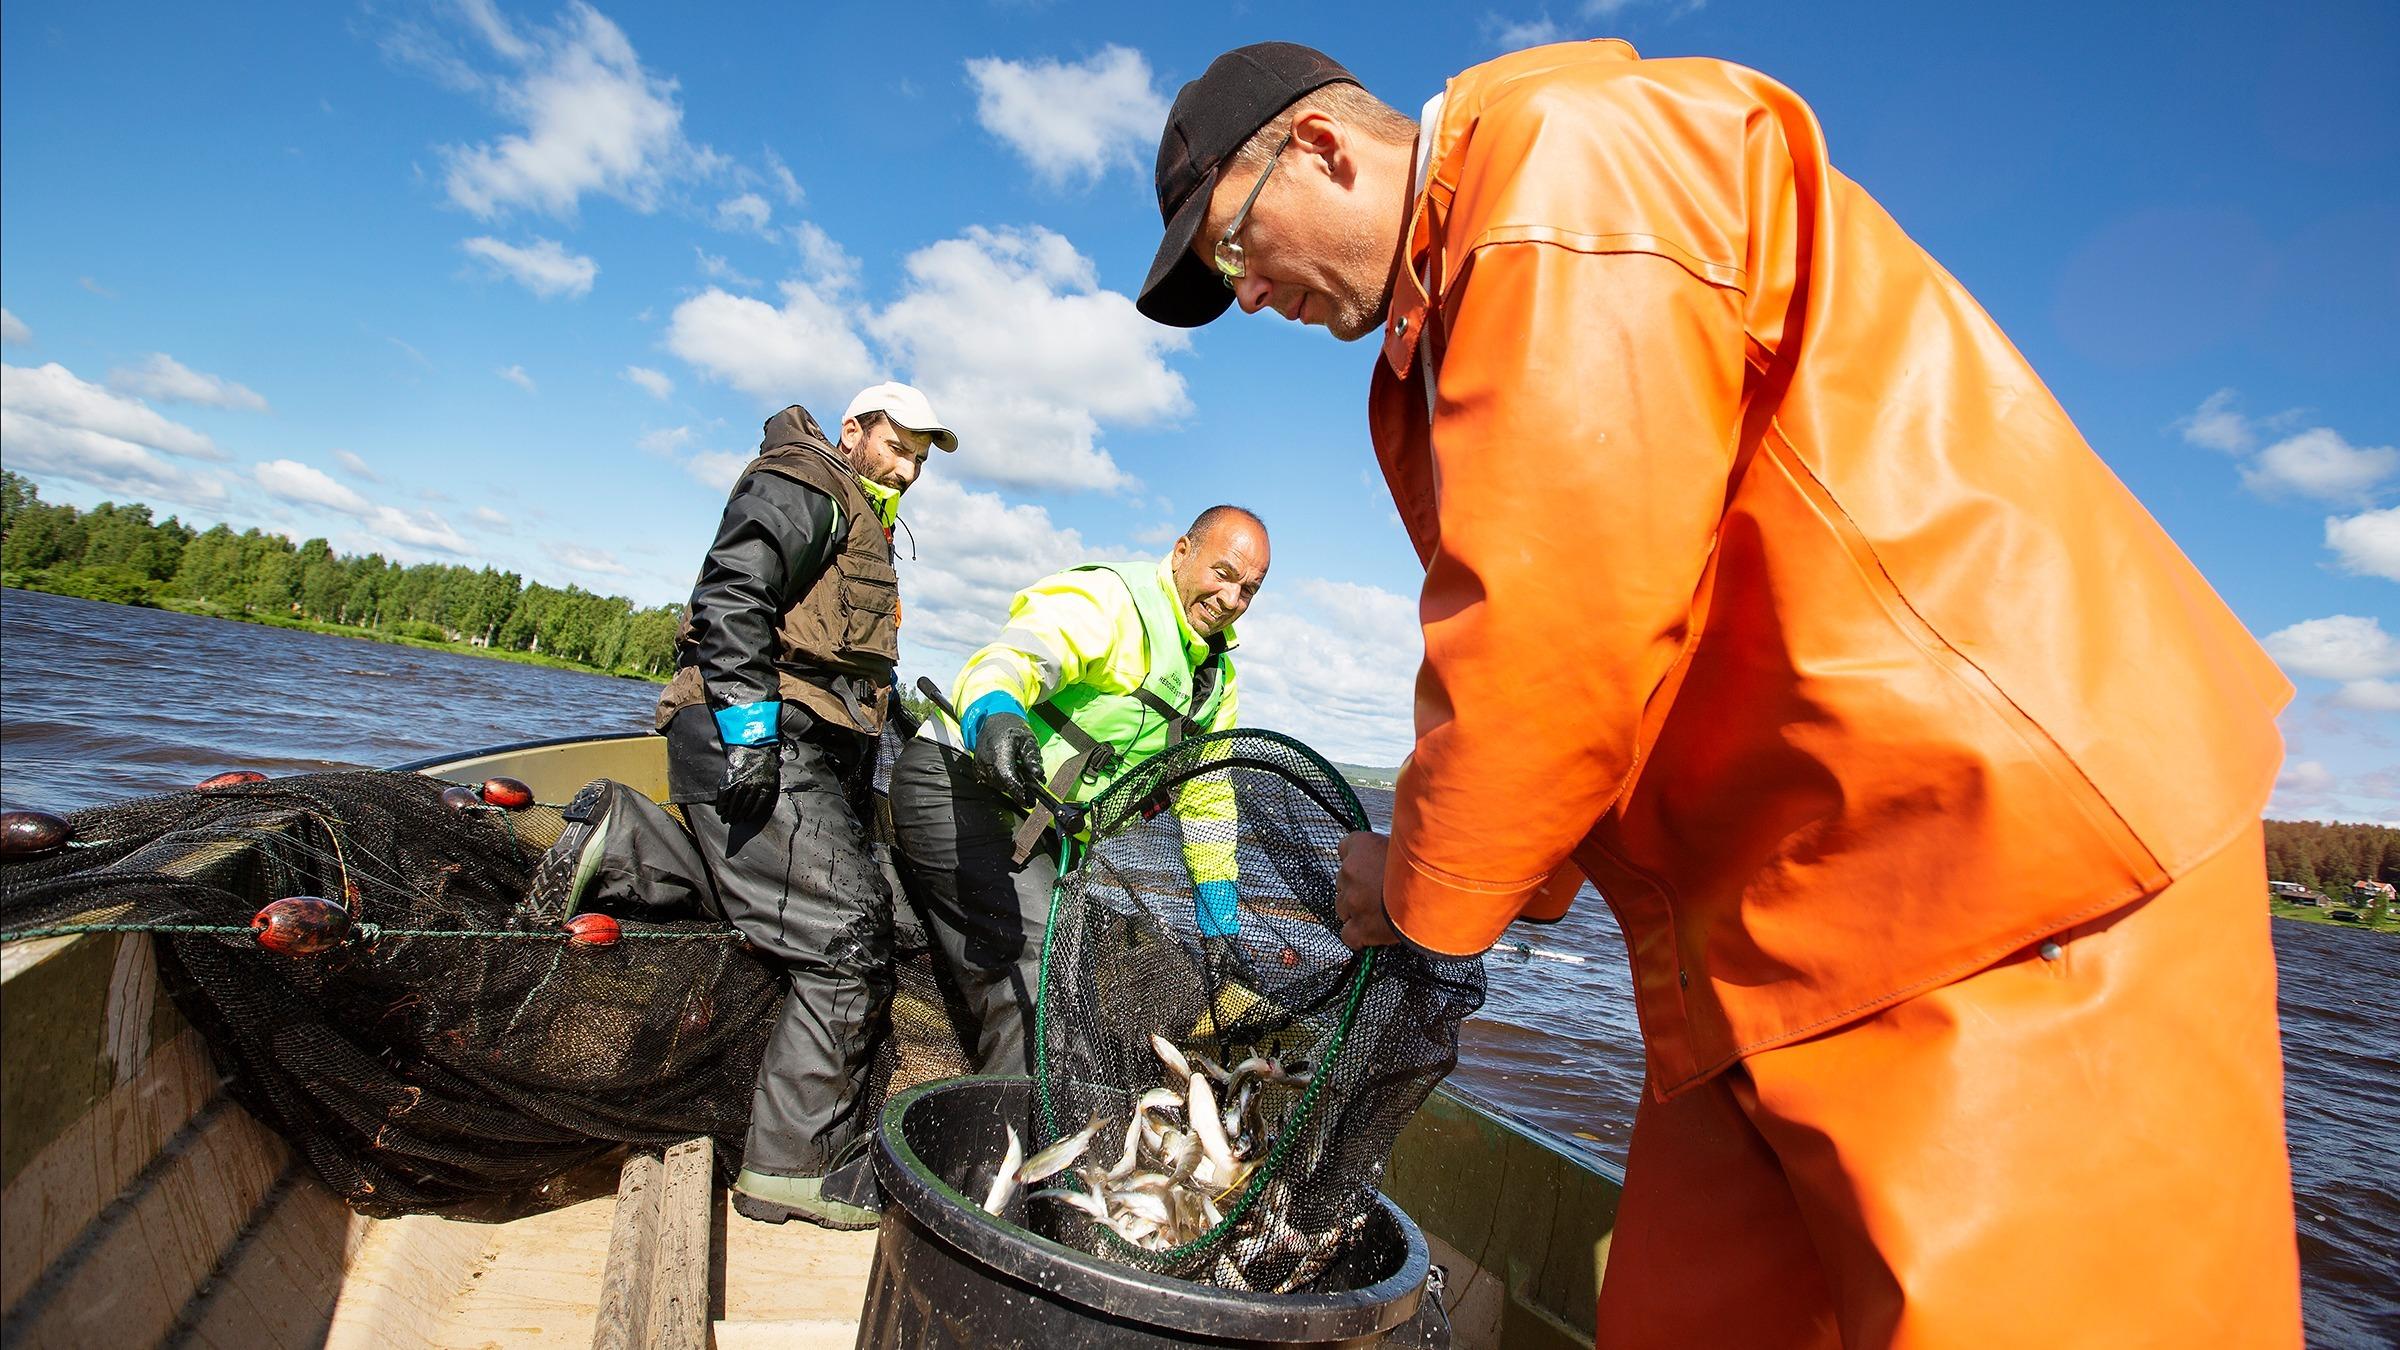 De fiskar för miljöns skull